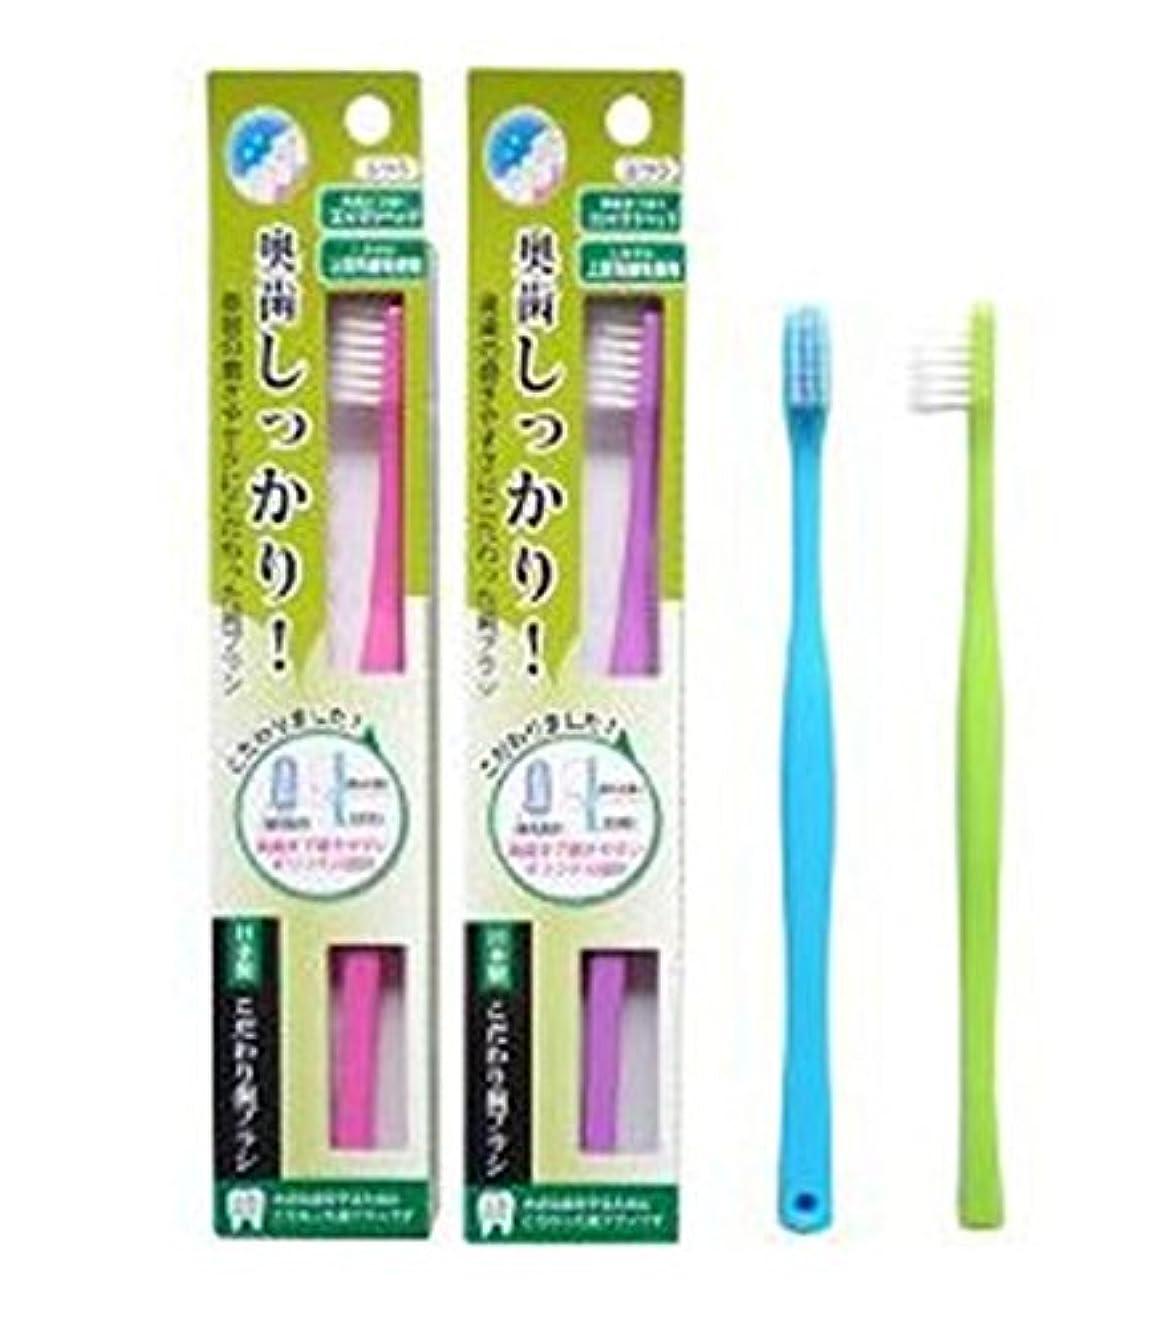 密輸ヒットインストールライフレンジ 奥歯しっかりこだわり歯ブラシ 先細 12本 (ピンク4、パープル4、ブルー2、グリーン2)アソート